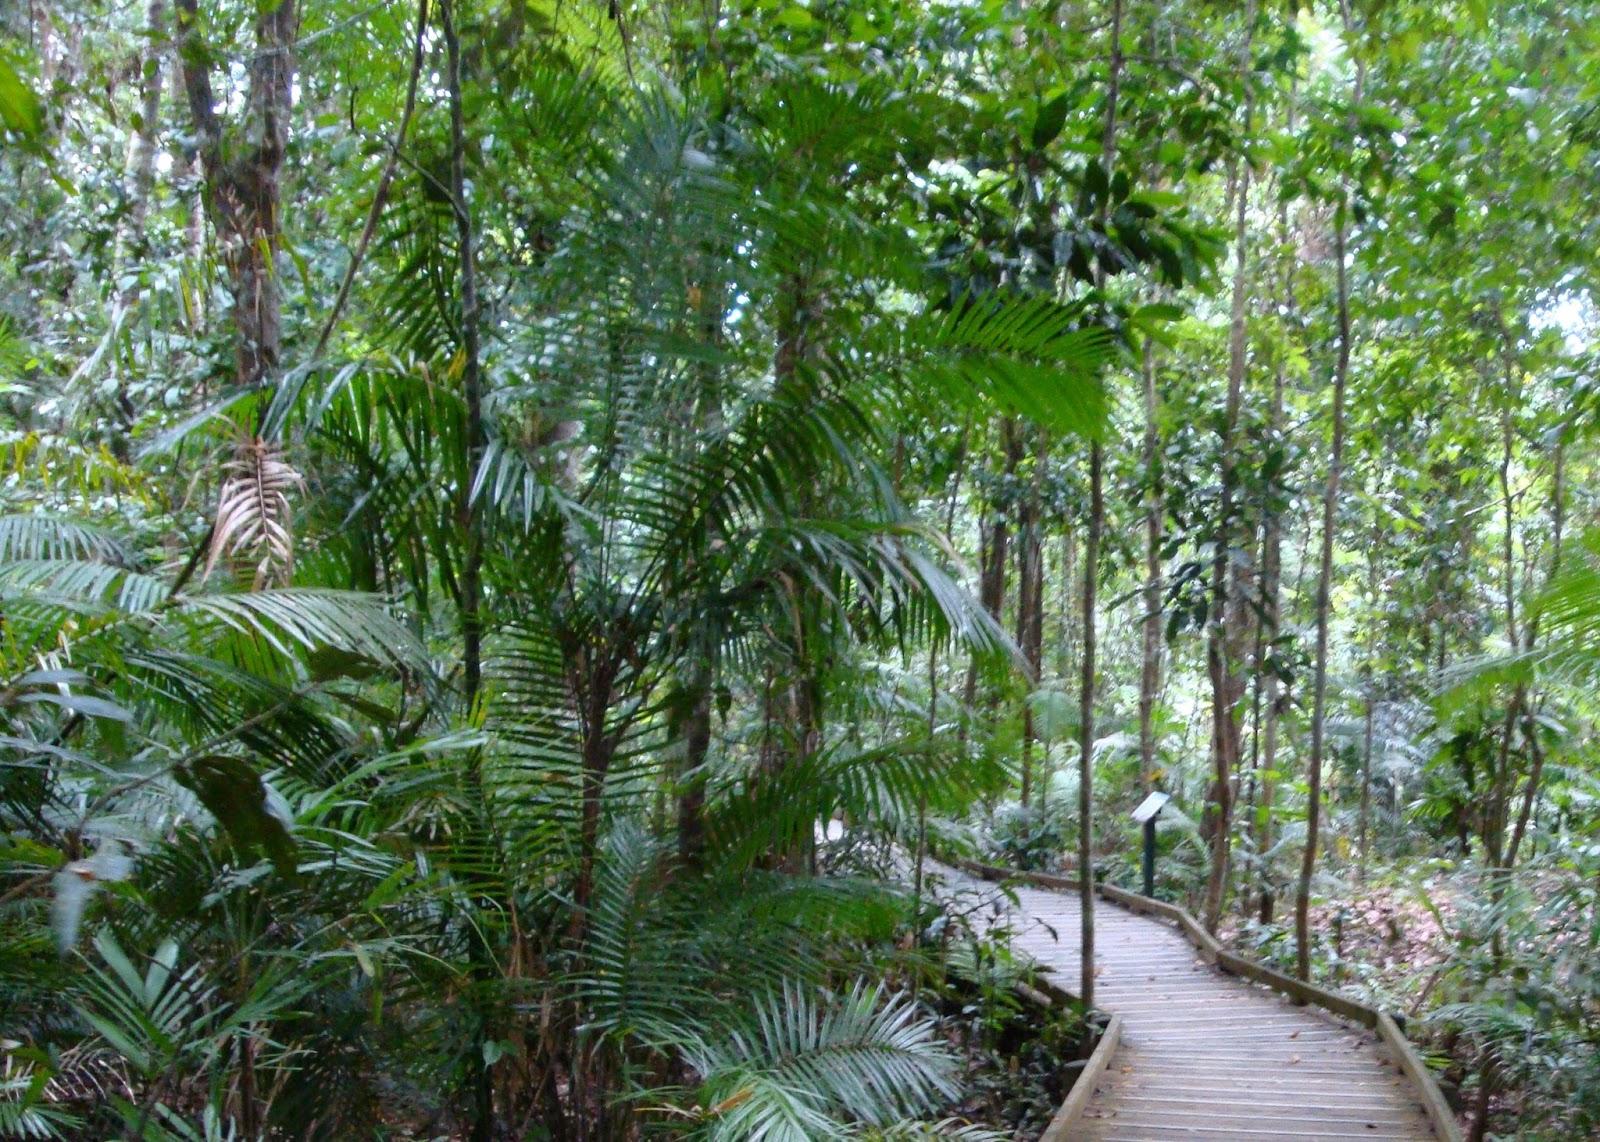 Pengertian Ciri Ciri Serta Fungsi Dan Manfaat Hutan Hujan Tropis